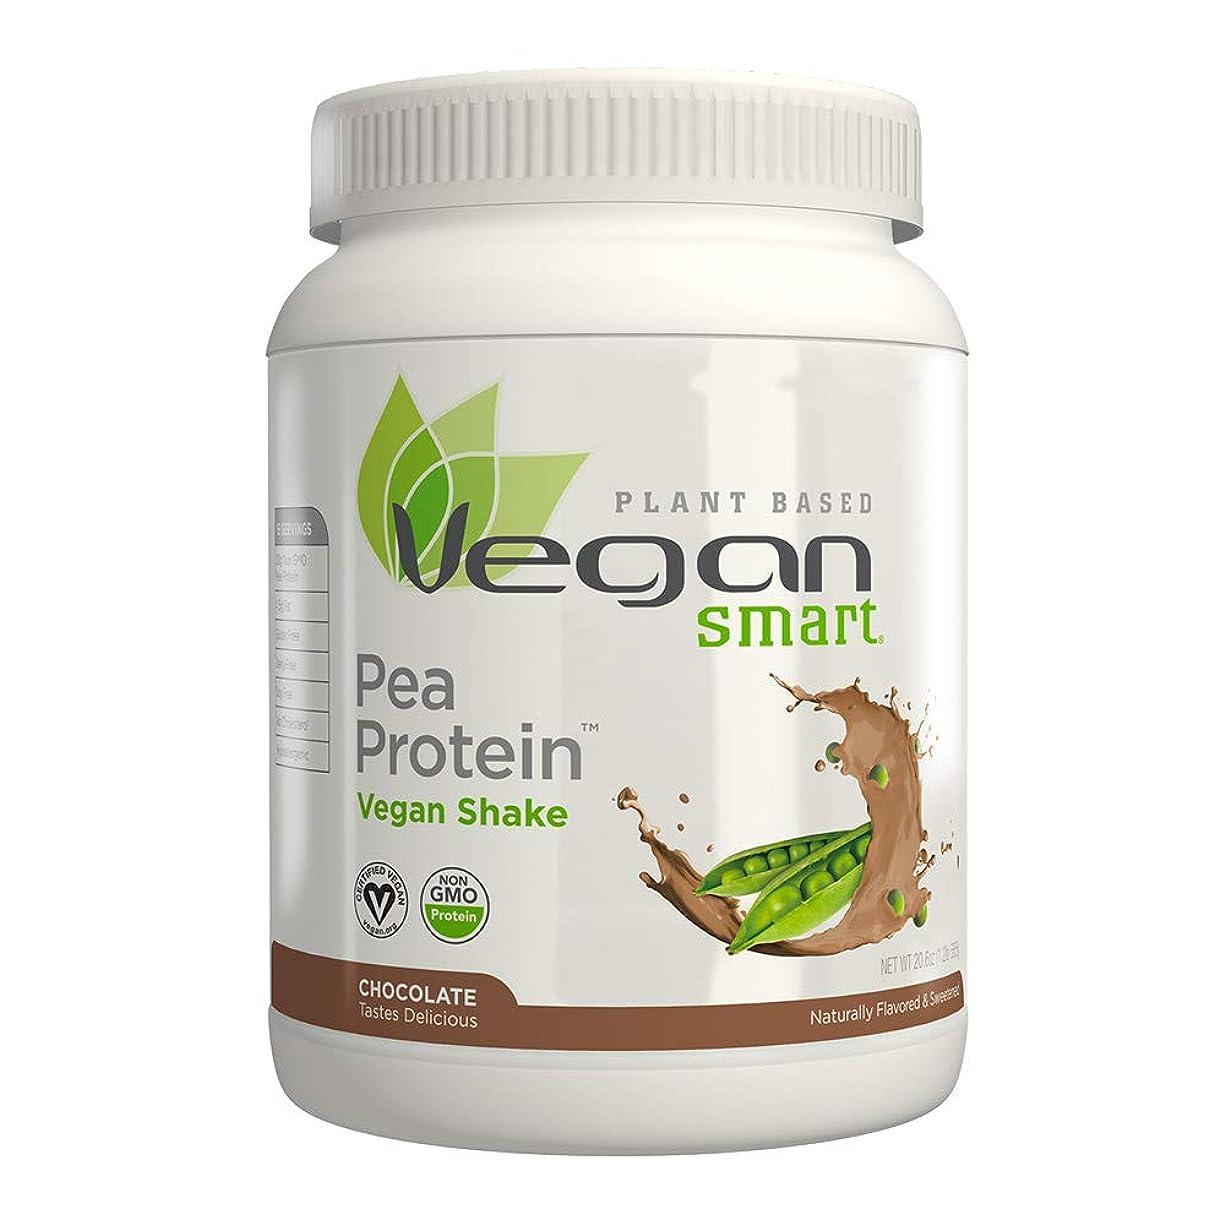 神話お母さん大統領海外直送品Vegan Pea Protein Jug, Chocolate 20.64 oz by Naturade